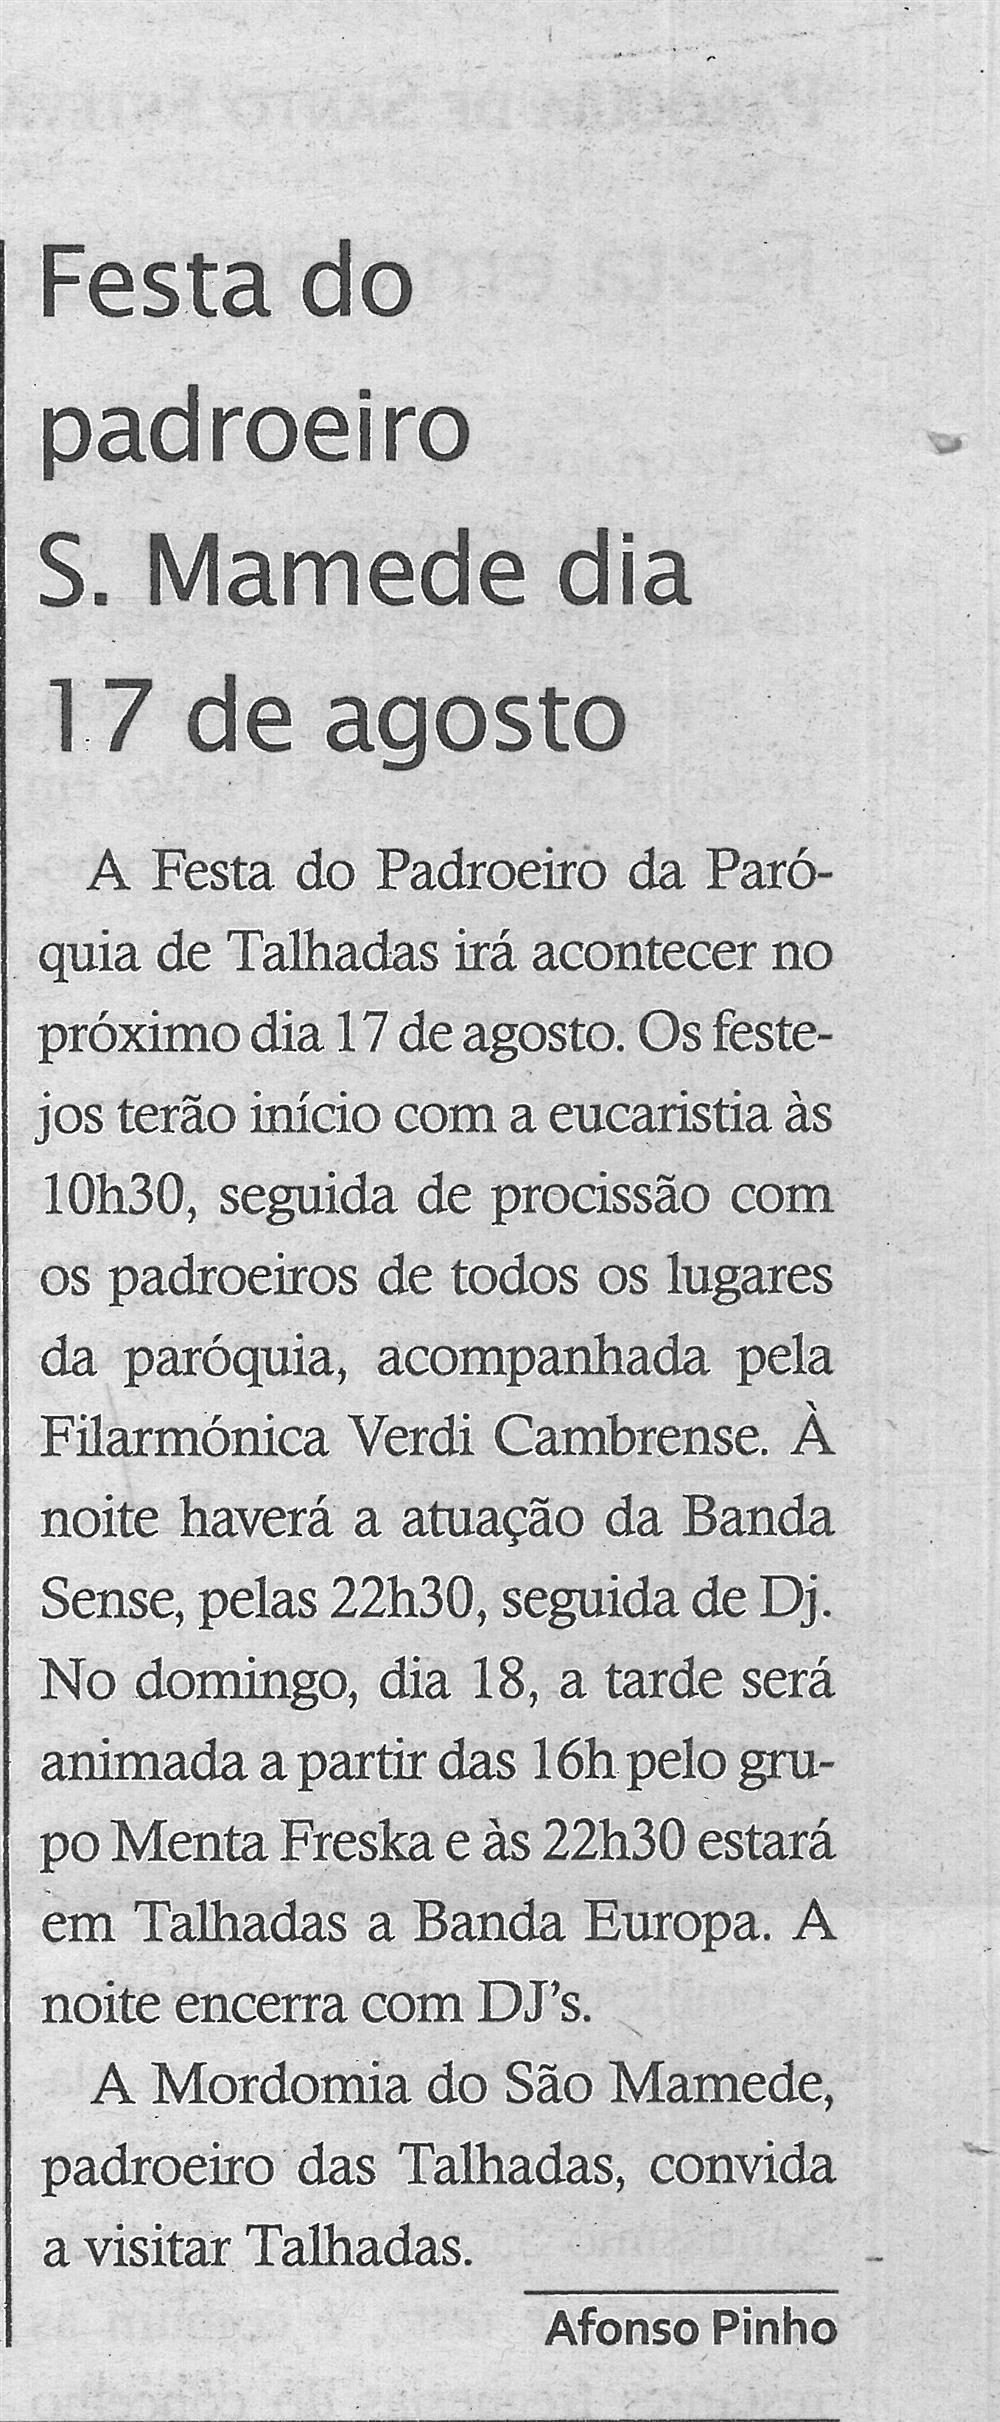 TV-ago.'19-p.13-Festa do padroeiro São Mamede dia 17 de agosto : paróquias e freguesias : Paróquia de São Mamede, Talhadas.jpg